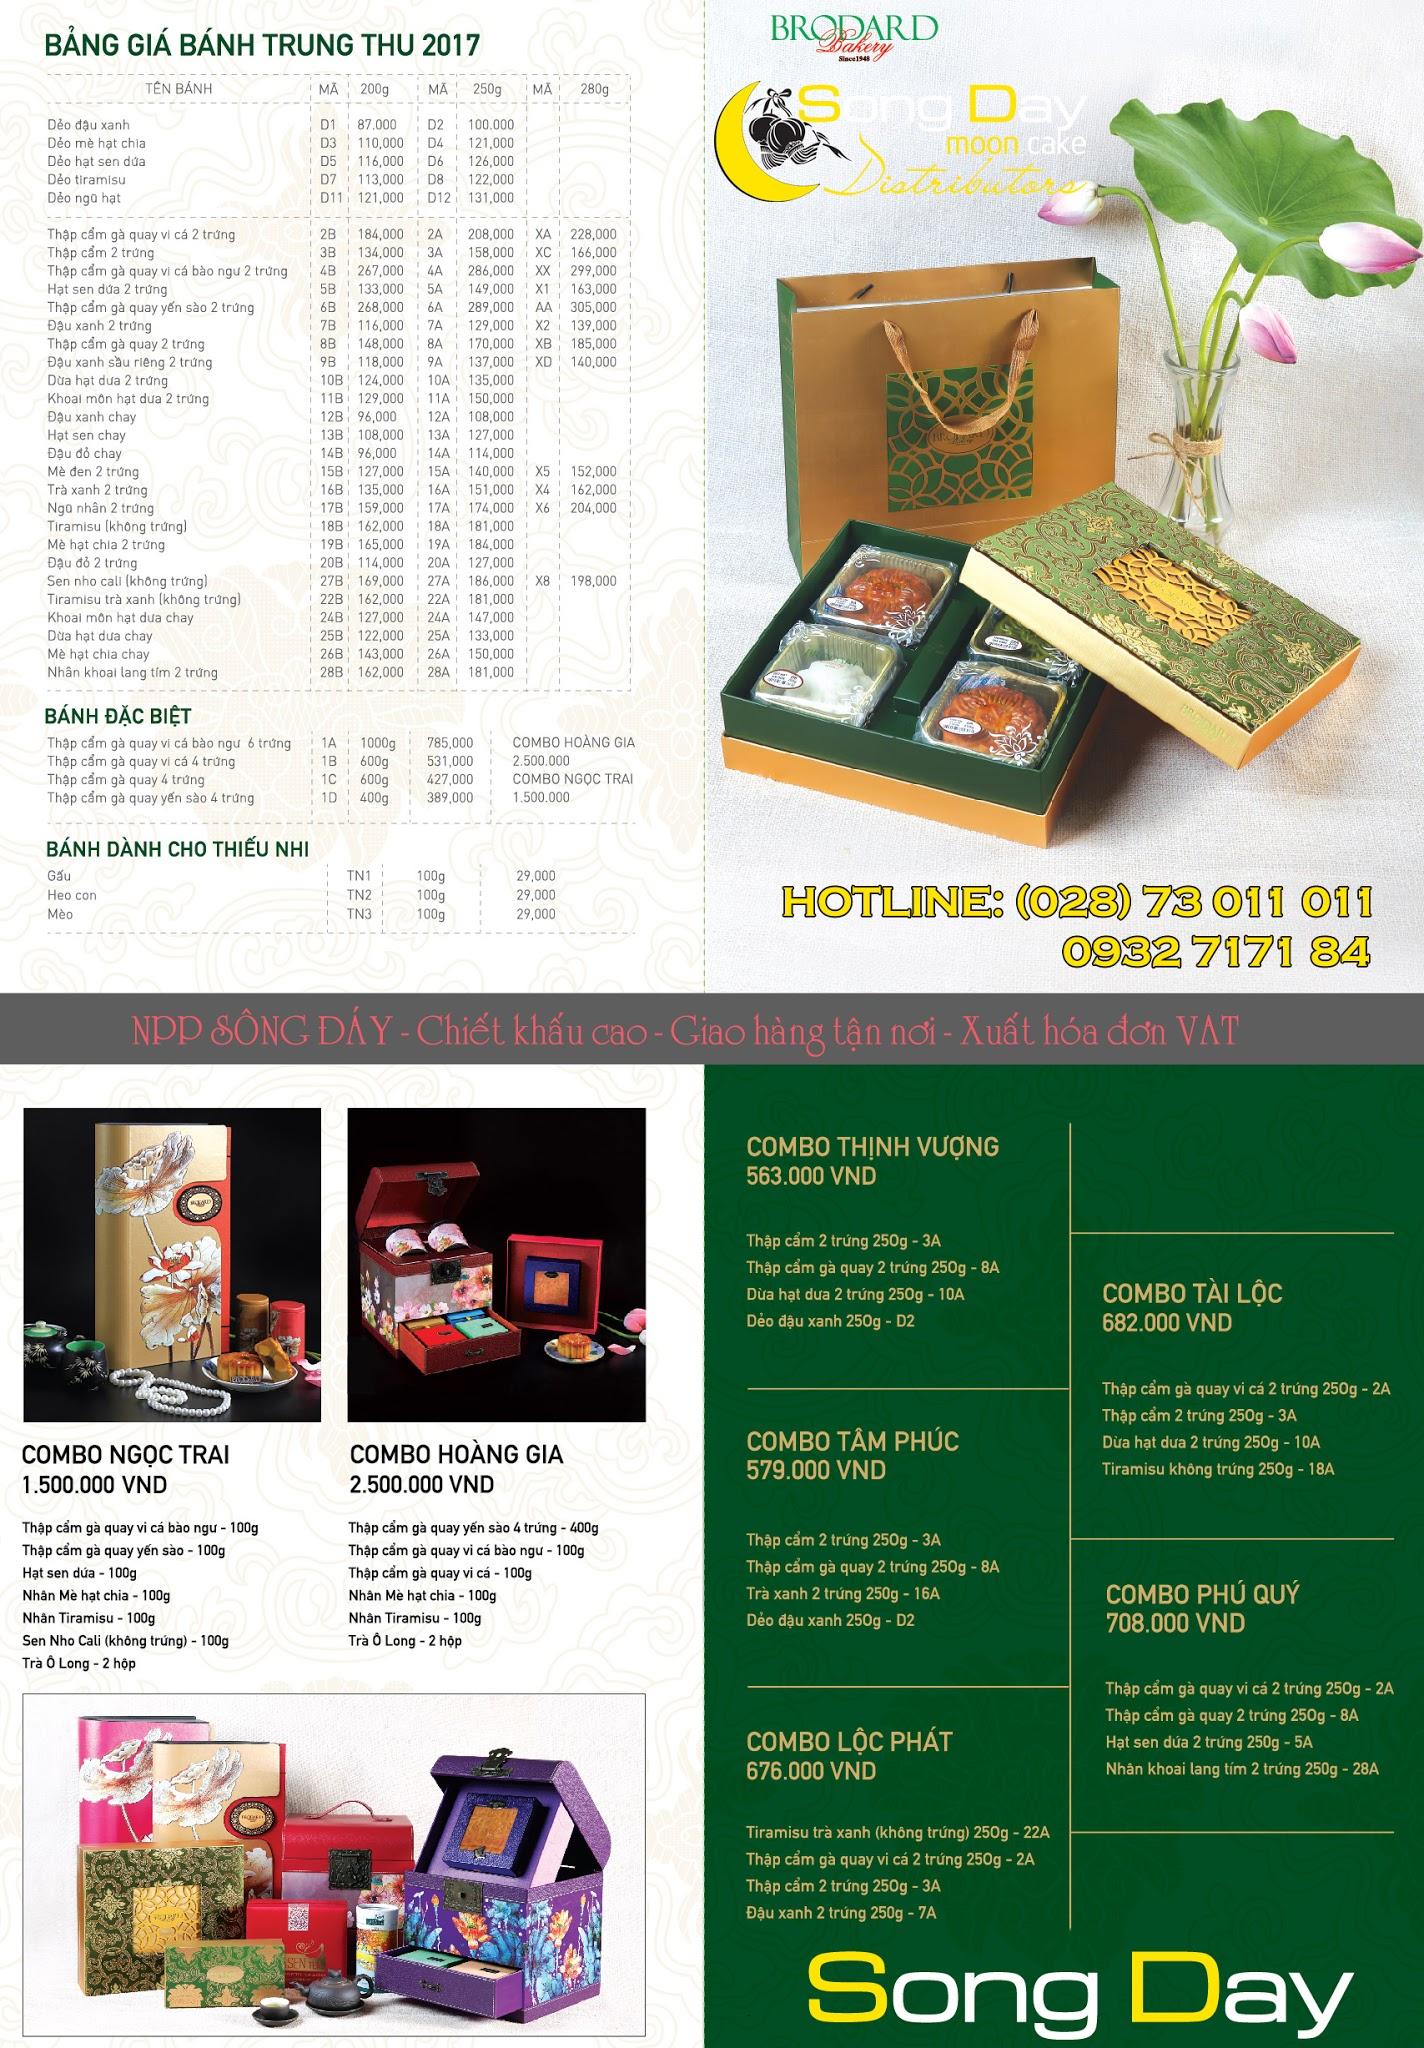 Catalogue tổng hợp Bánh trung thu Brodard 2018